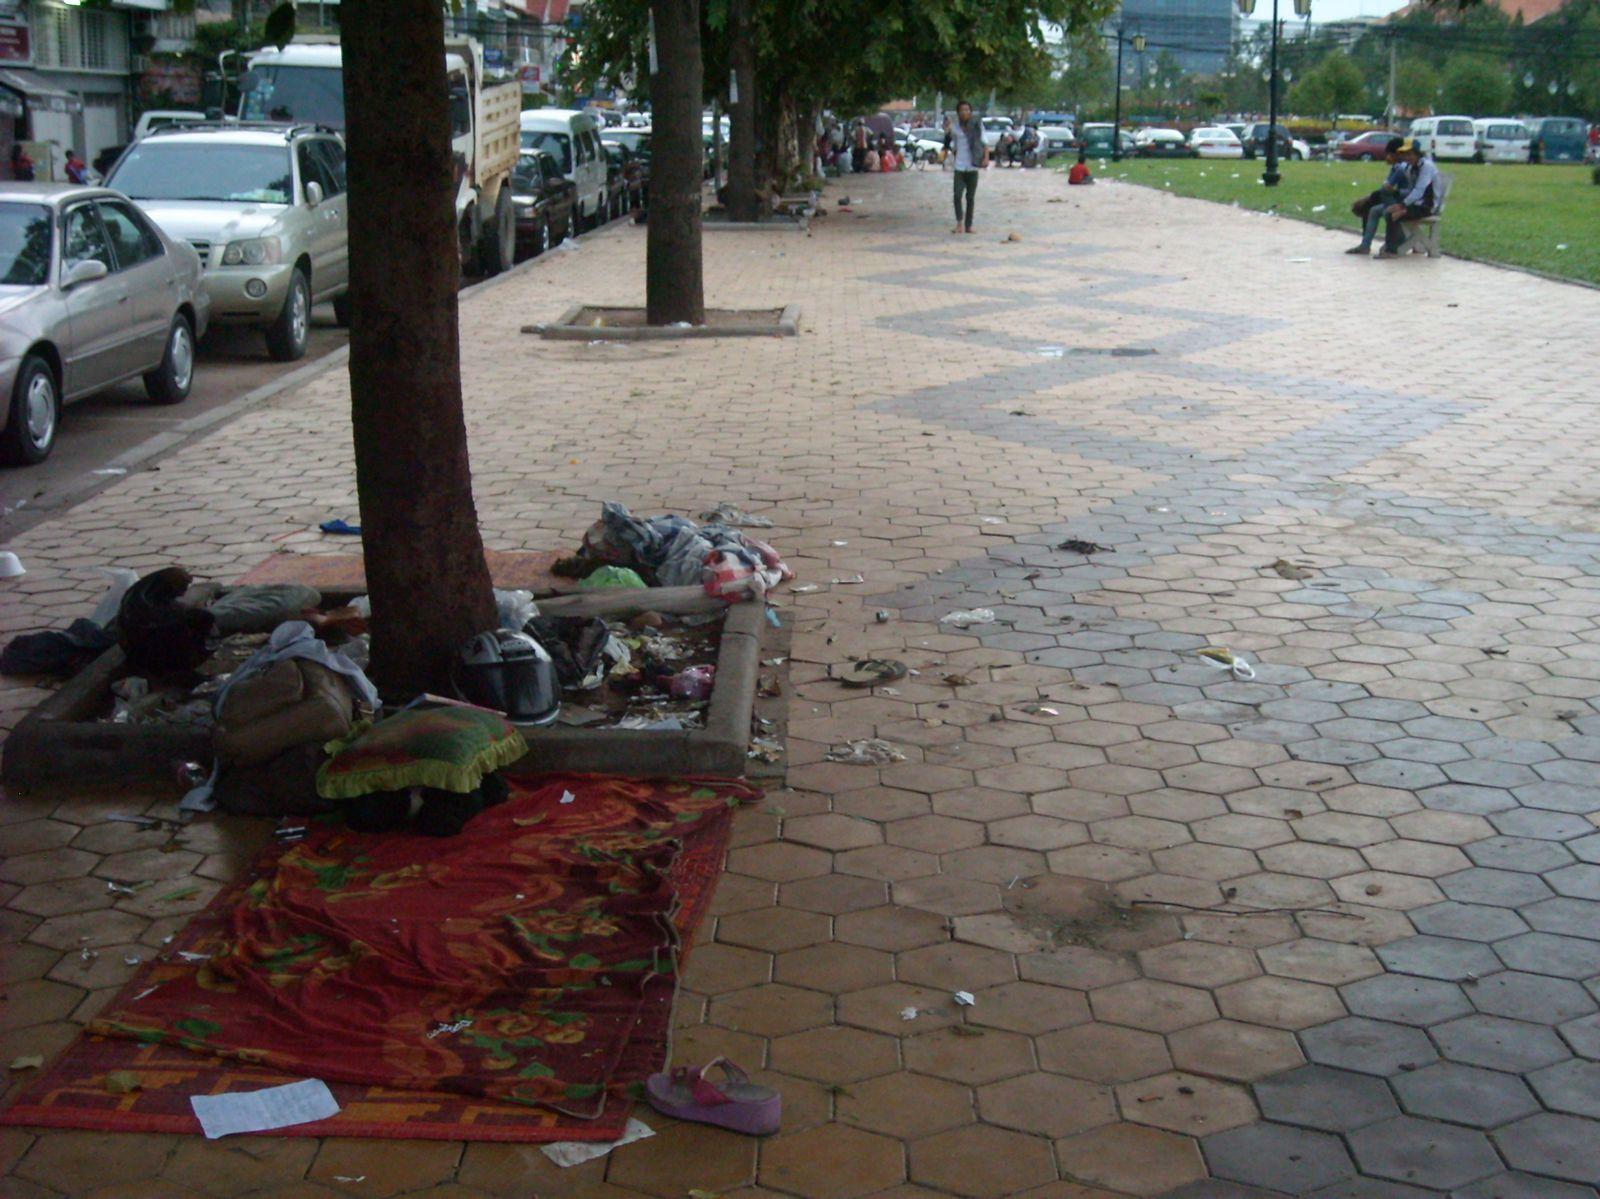 1. Vue sur les berges de la presqu'ile...je commençais déja à dechanter  2. Vue sur l'autre rive     3. C'était comment déja? Petit paradis verdoyant    4. Là j'ai fait demi-tour    5. Route fort sympathique pour rejoindre le pont    6. Et je vous épargne l'odeur  7. et 8. Parce qu'en dehors des lieux touristiques pour lesquels je vous ai mis des photos, Phnom Penh, c'est essentiellement ça!    8. Amok, spécialité cambogienne